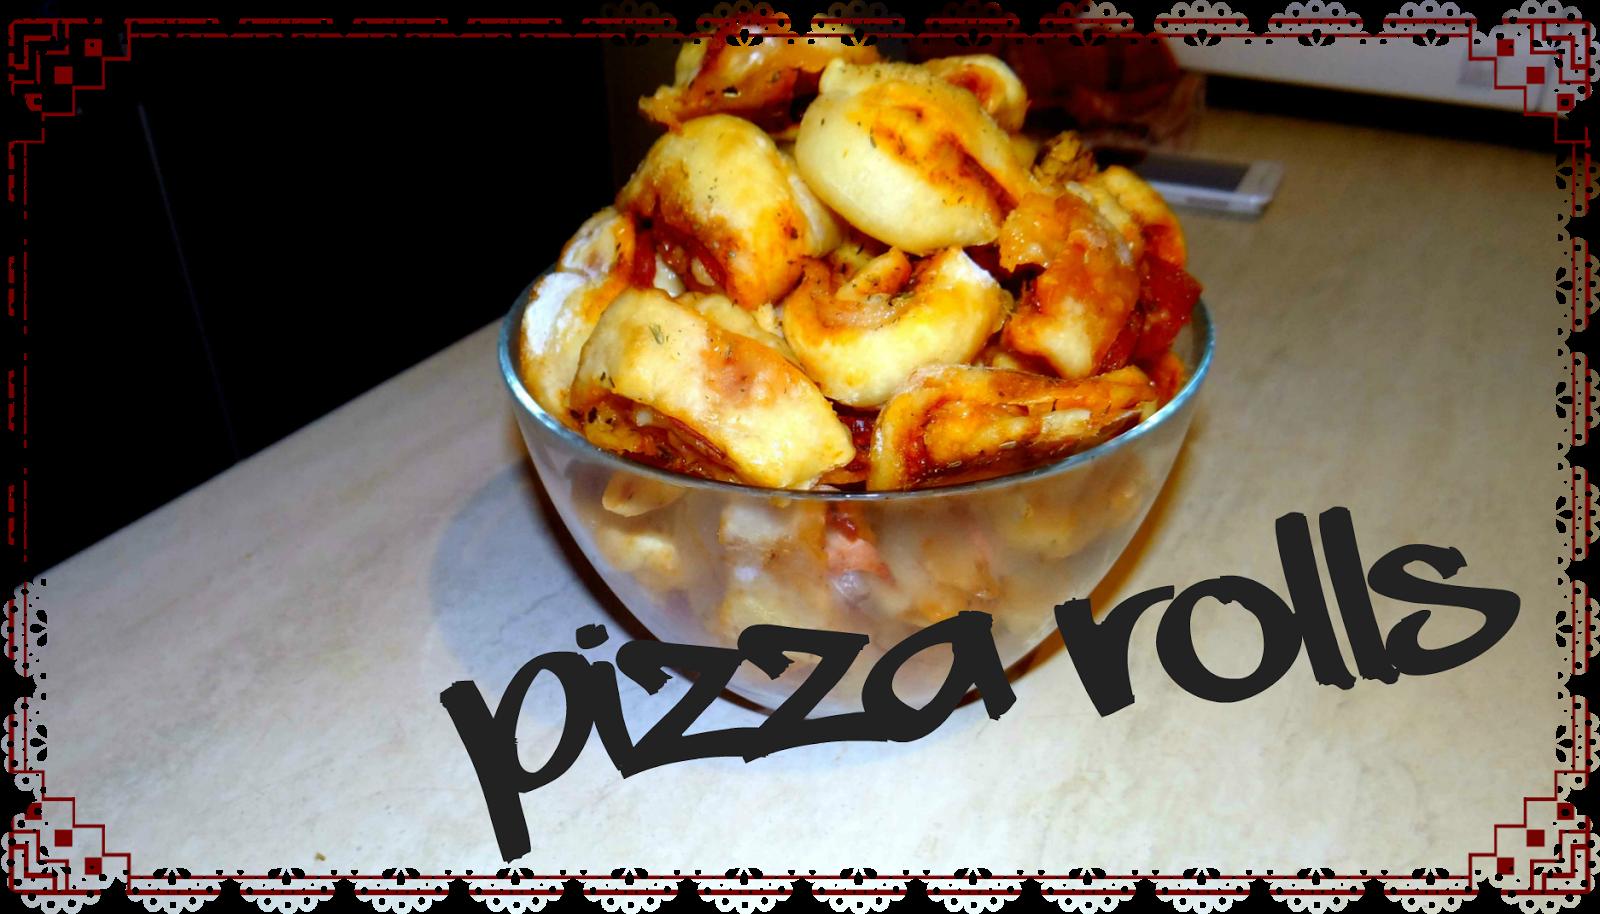 http://zaklecienaszczescie.blogspot.com/2014/08/pizza-rolls-salami-i-bekonowe-szybka.html